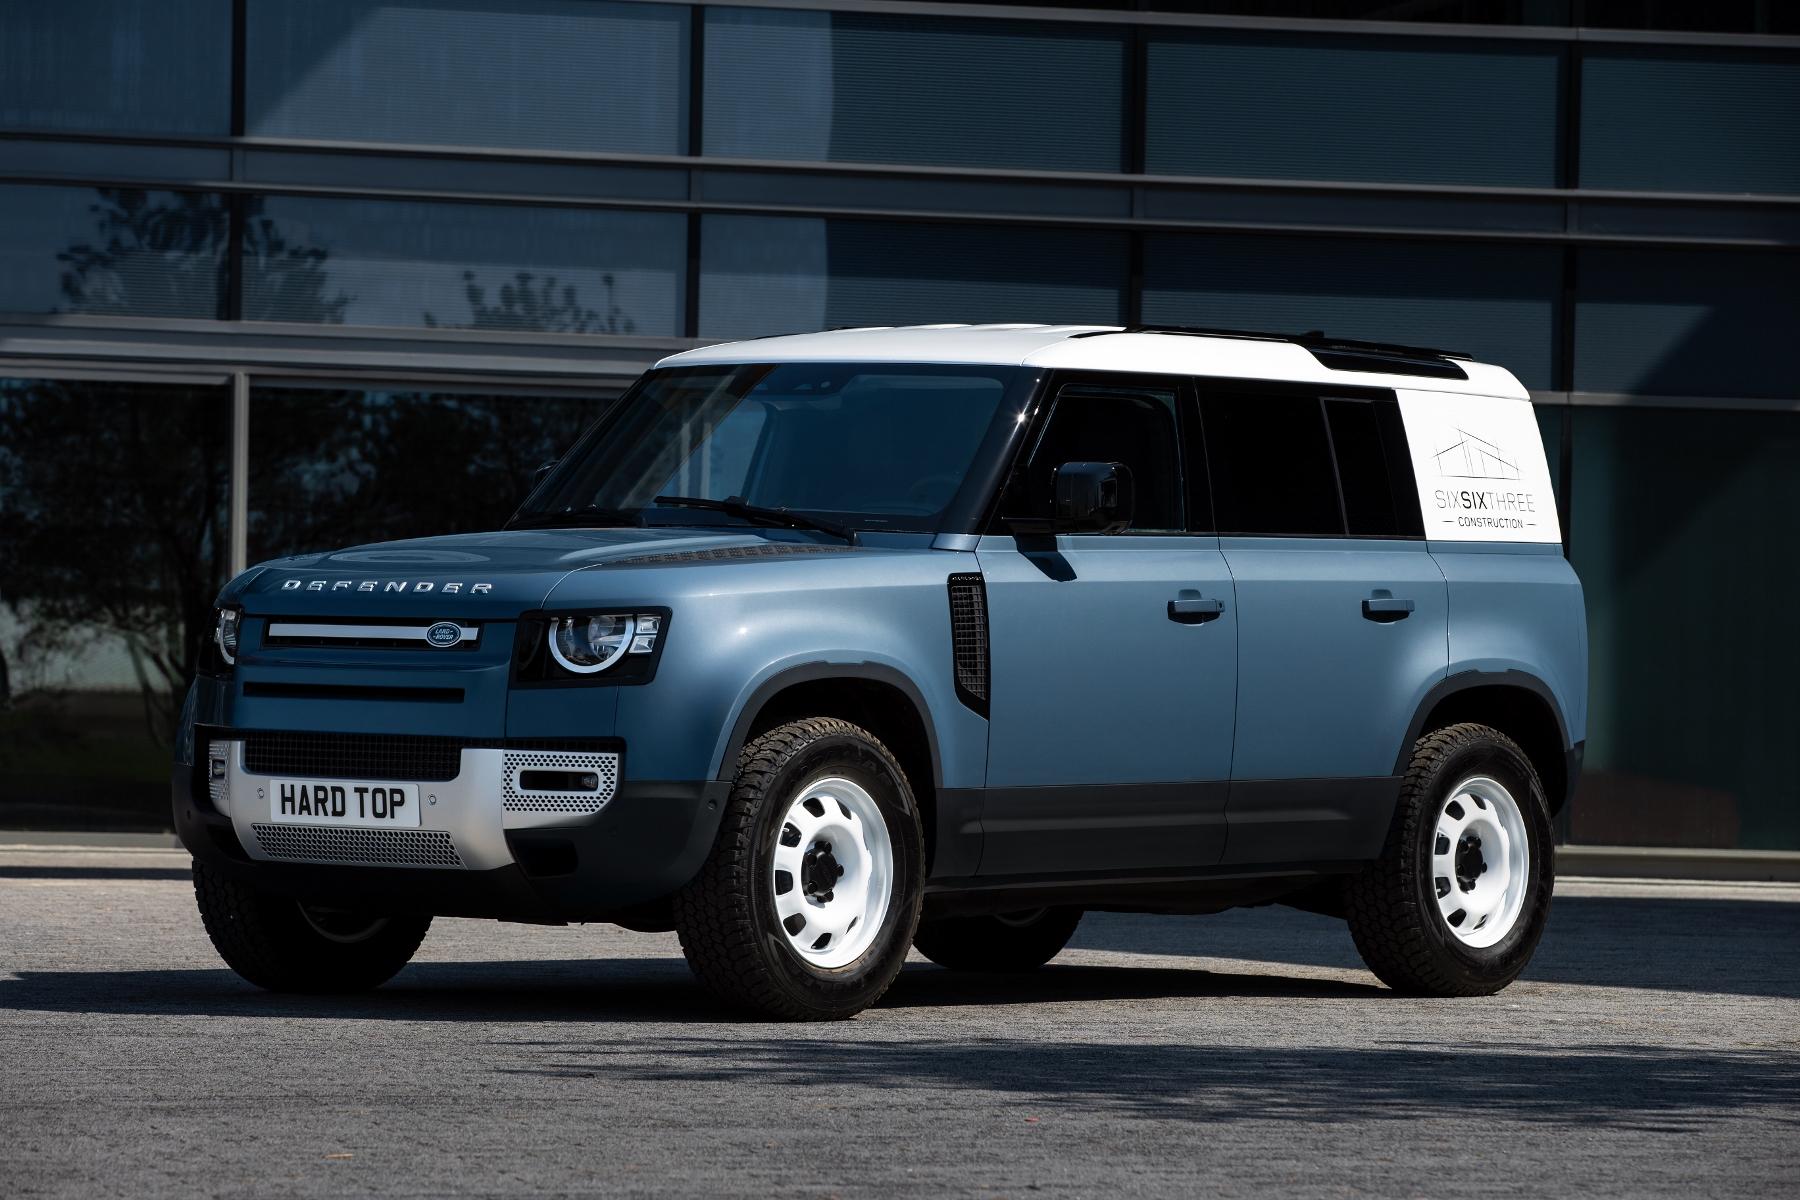 Nový Land Rover Defender prichádza v úžitkovej verzii Hard Top c6EdN6splQ 6lrdefhardtop30062003-1800